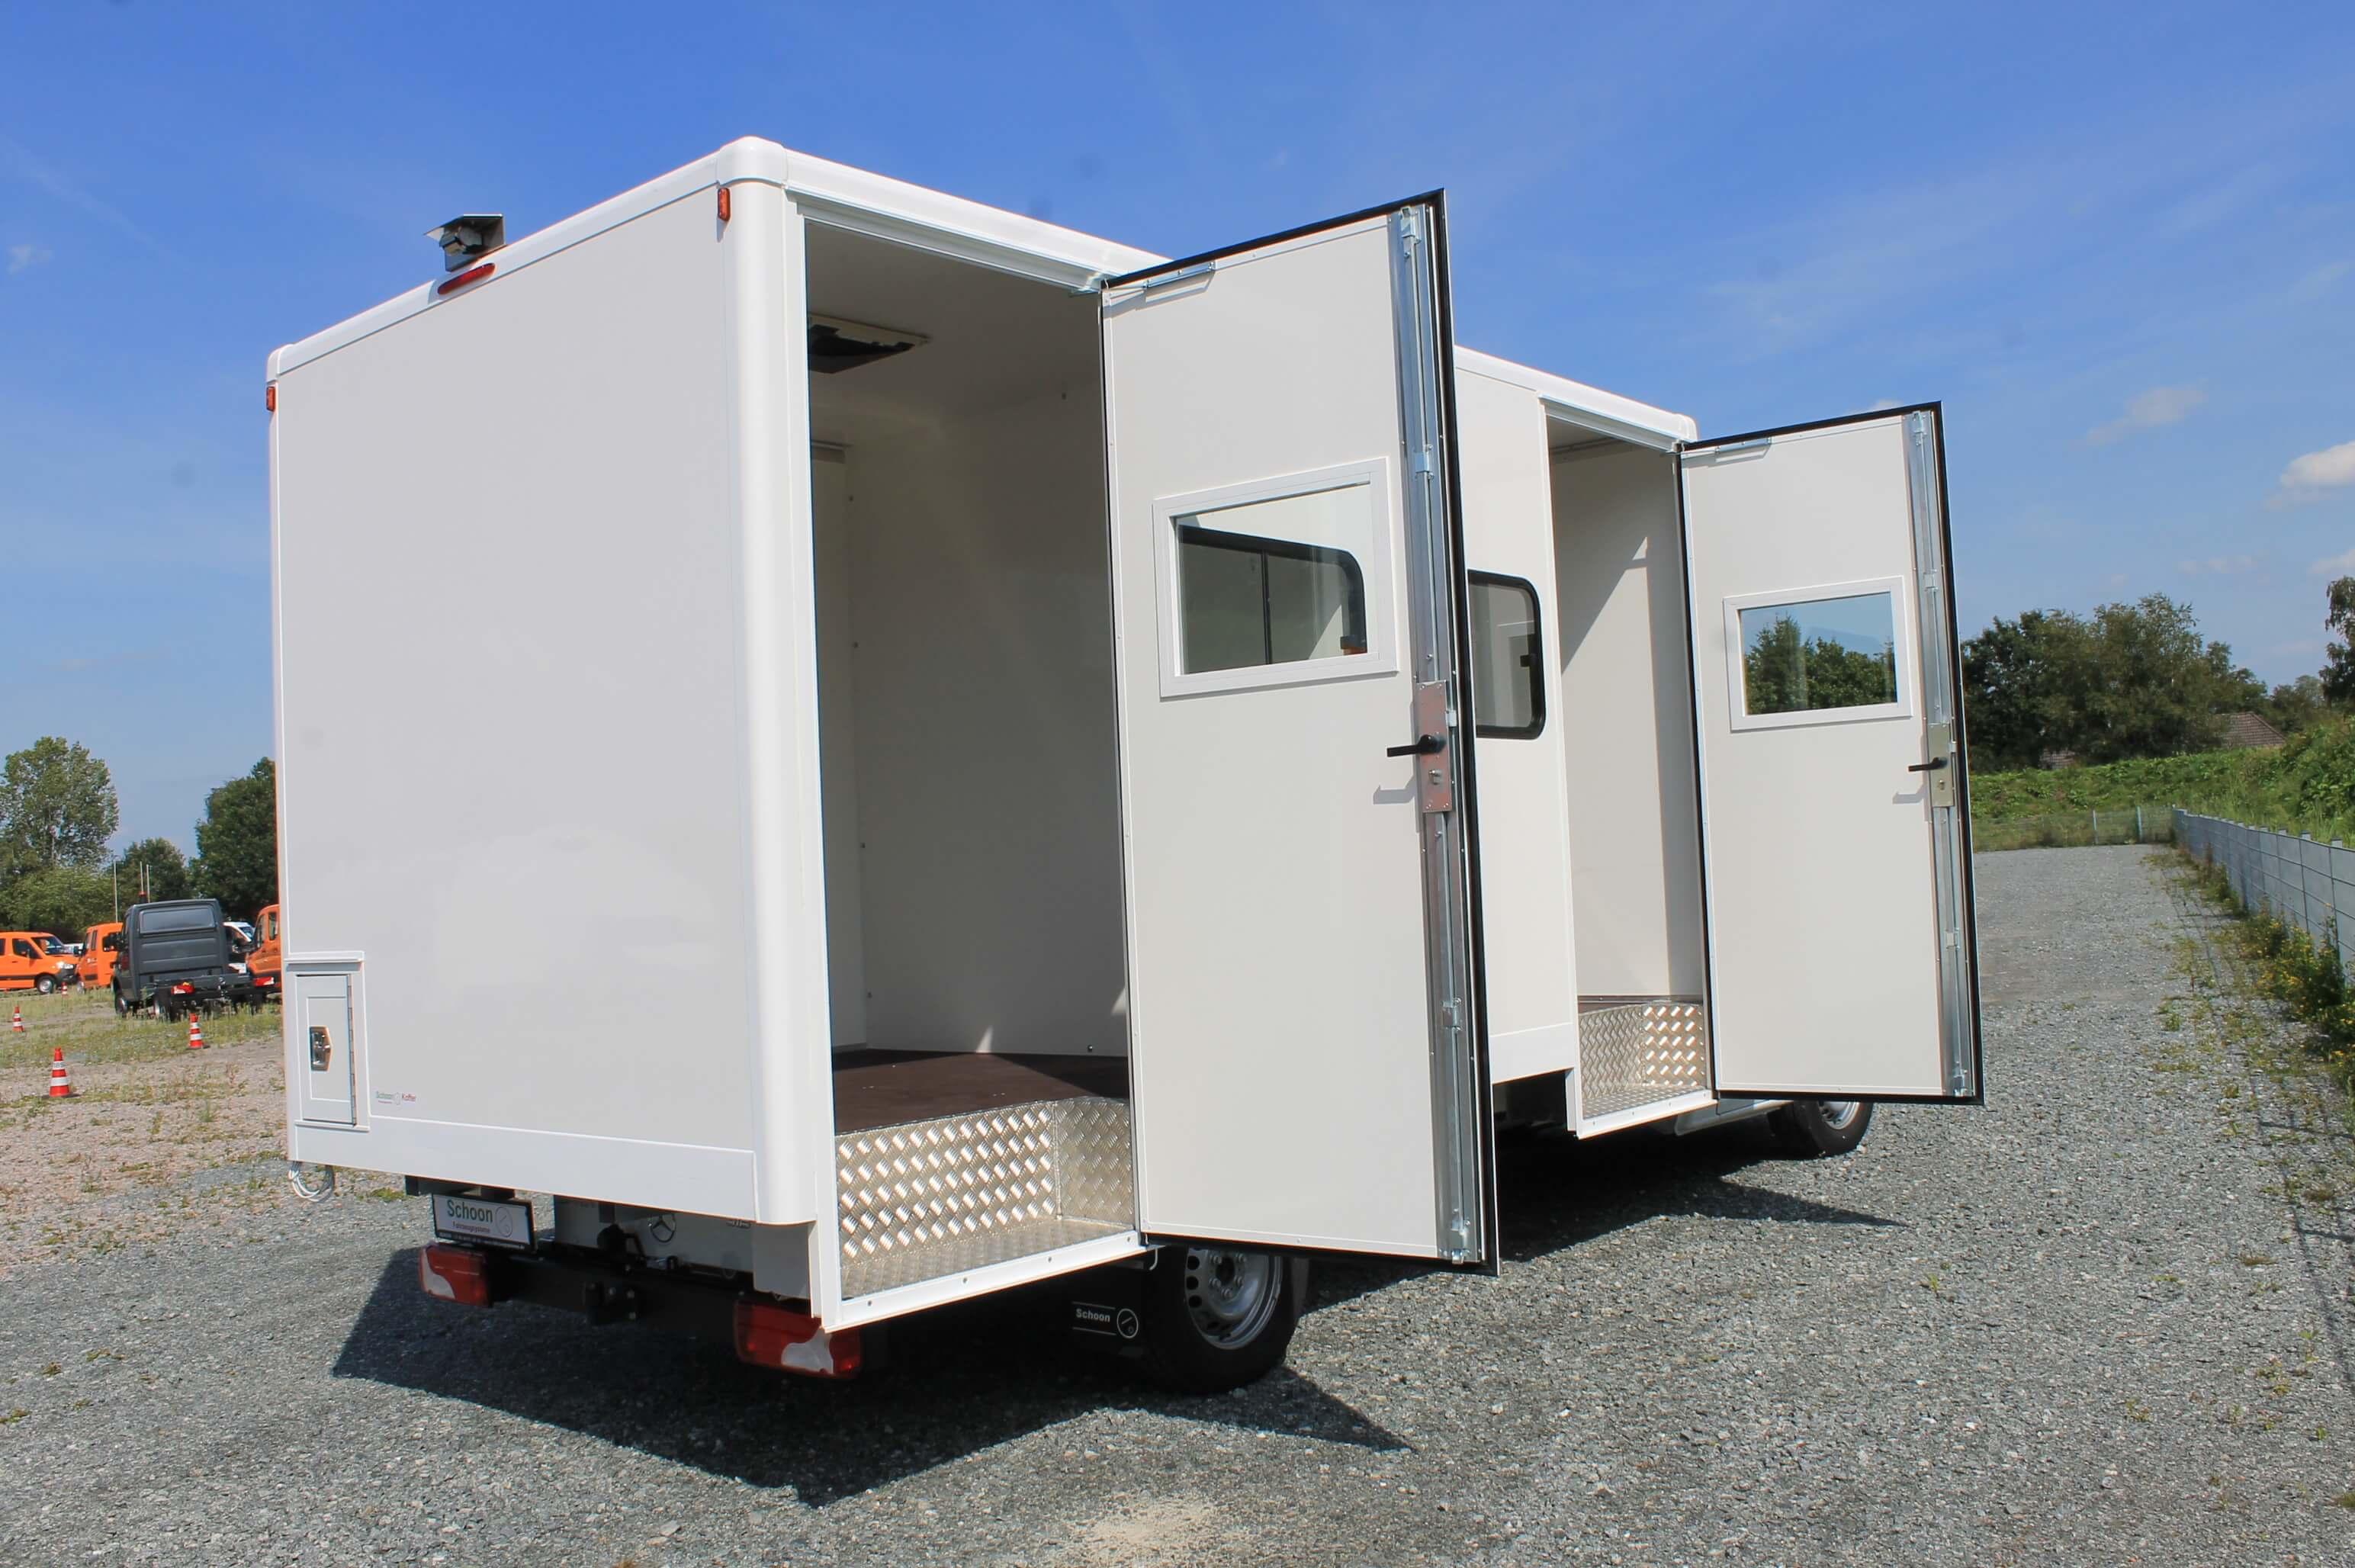 MB Sprinter, Kofferaufbau, mit seitlichen Türen rechts und zwei Kammern, sowie Fenster, AB1901331 (10)